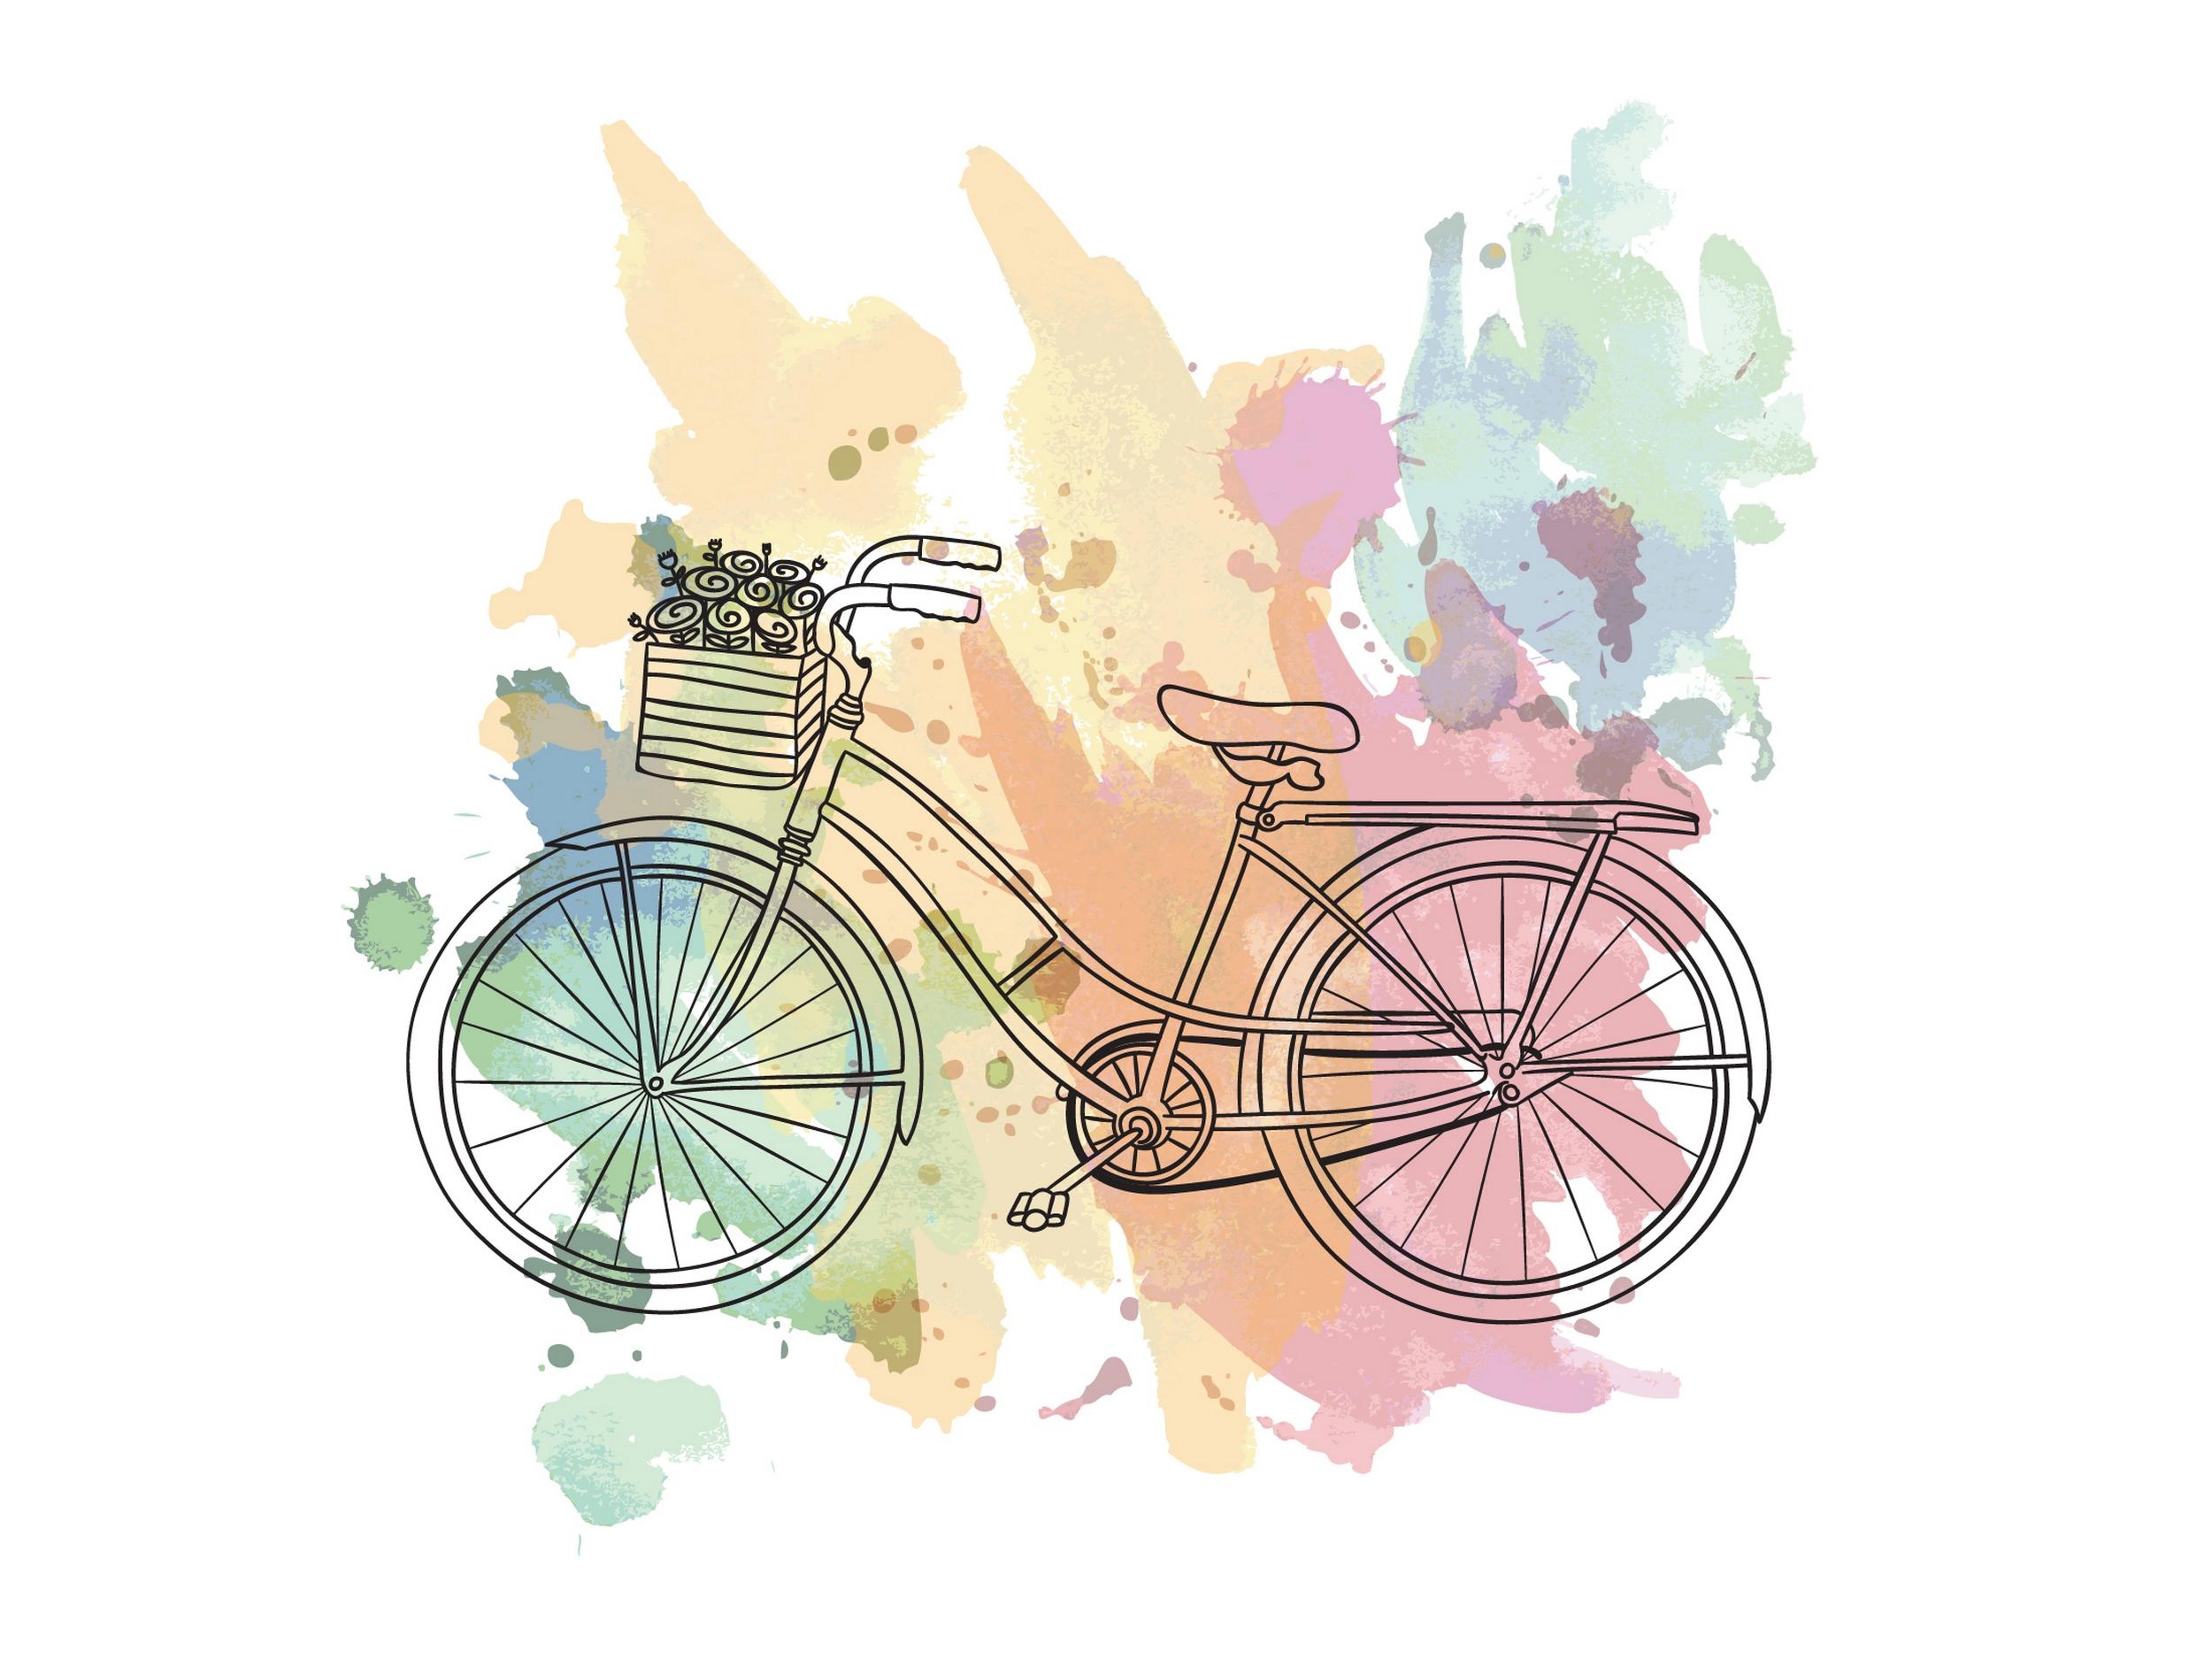 Je veux offrir un vélo à une femme